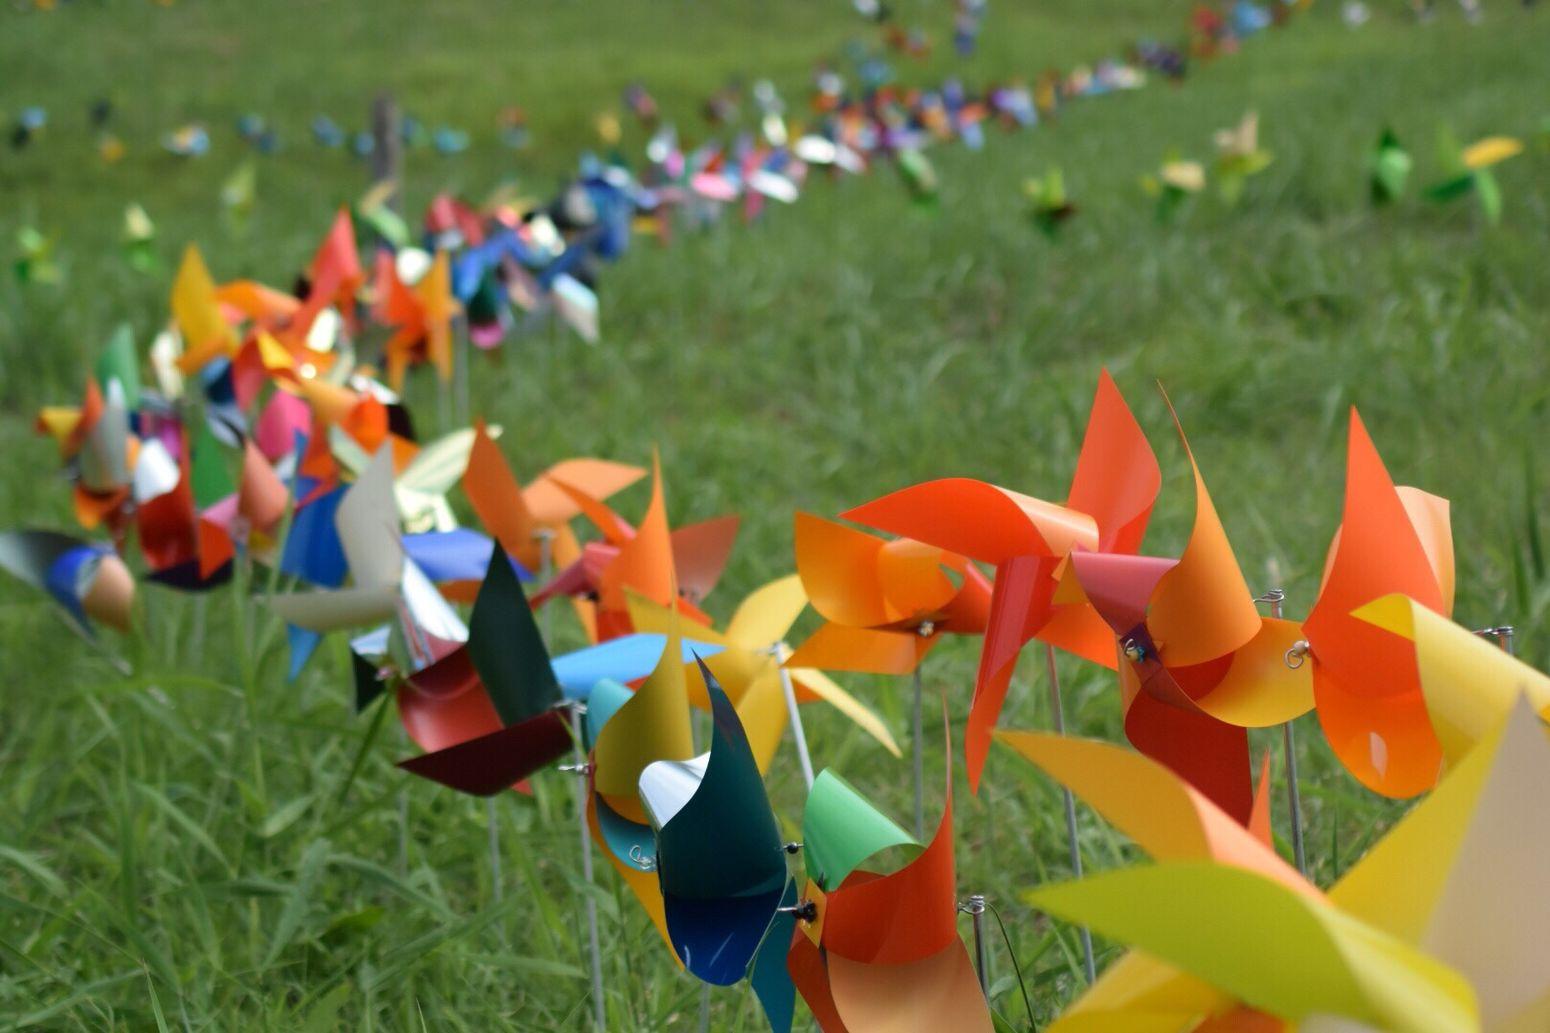 スキー場 の斜面いっぱいの 風車 とっても Colorful in 柏崎 Japan Taking Photos